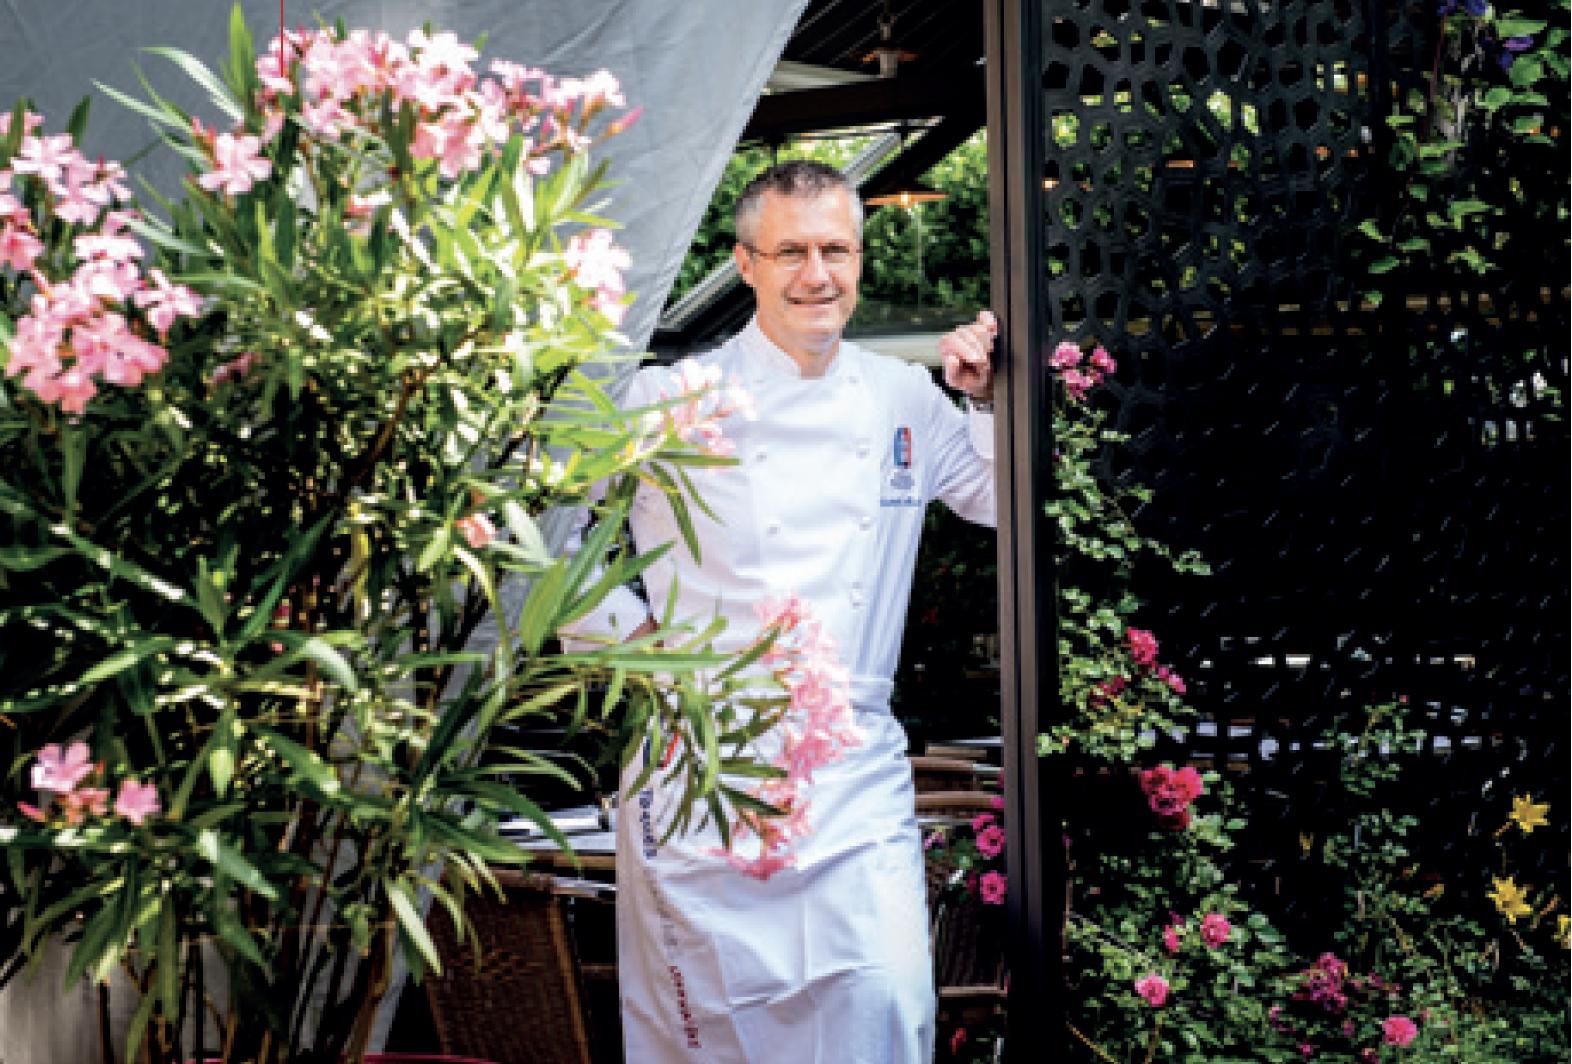 Restaurant Maison Allardon - Christophe Allardon